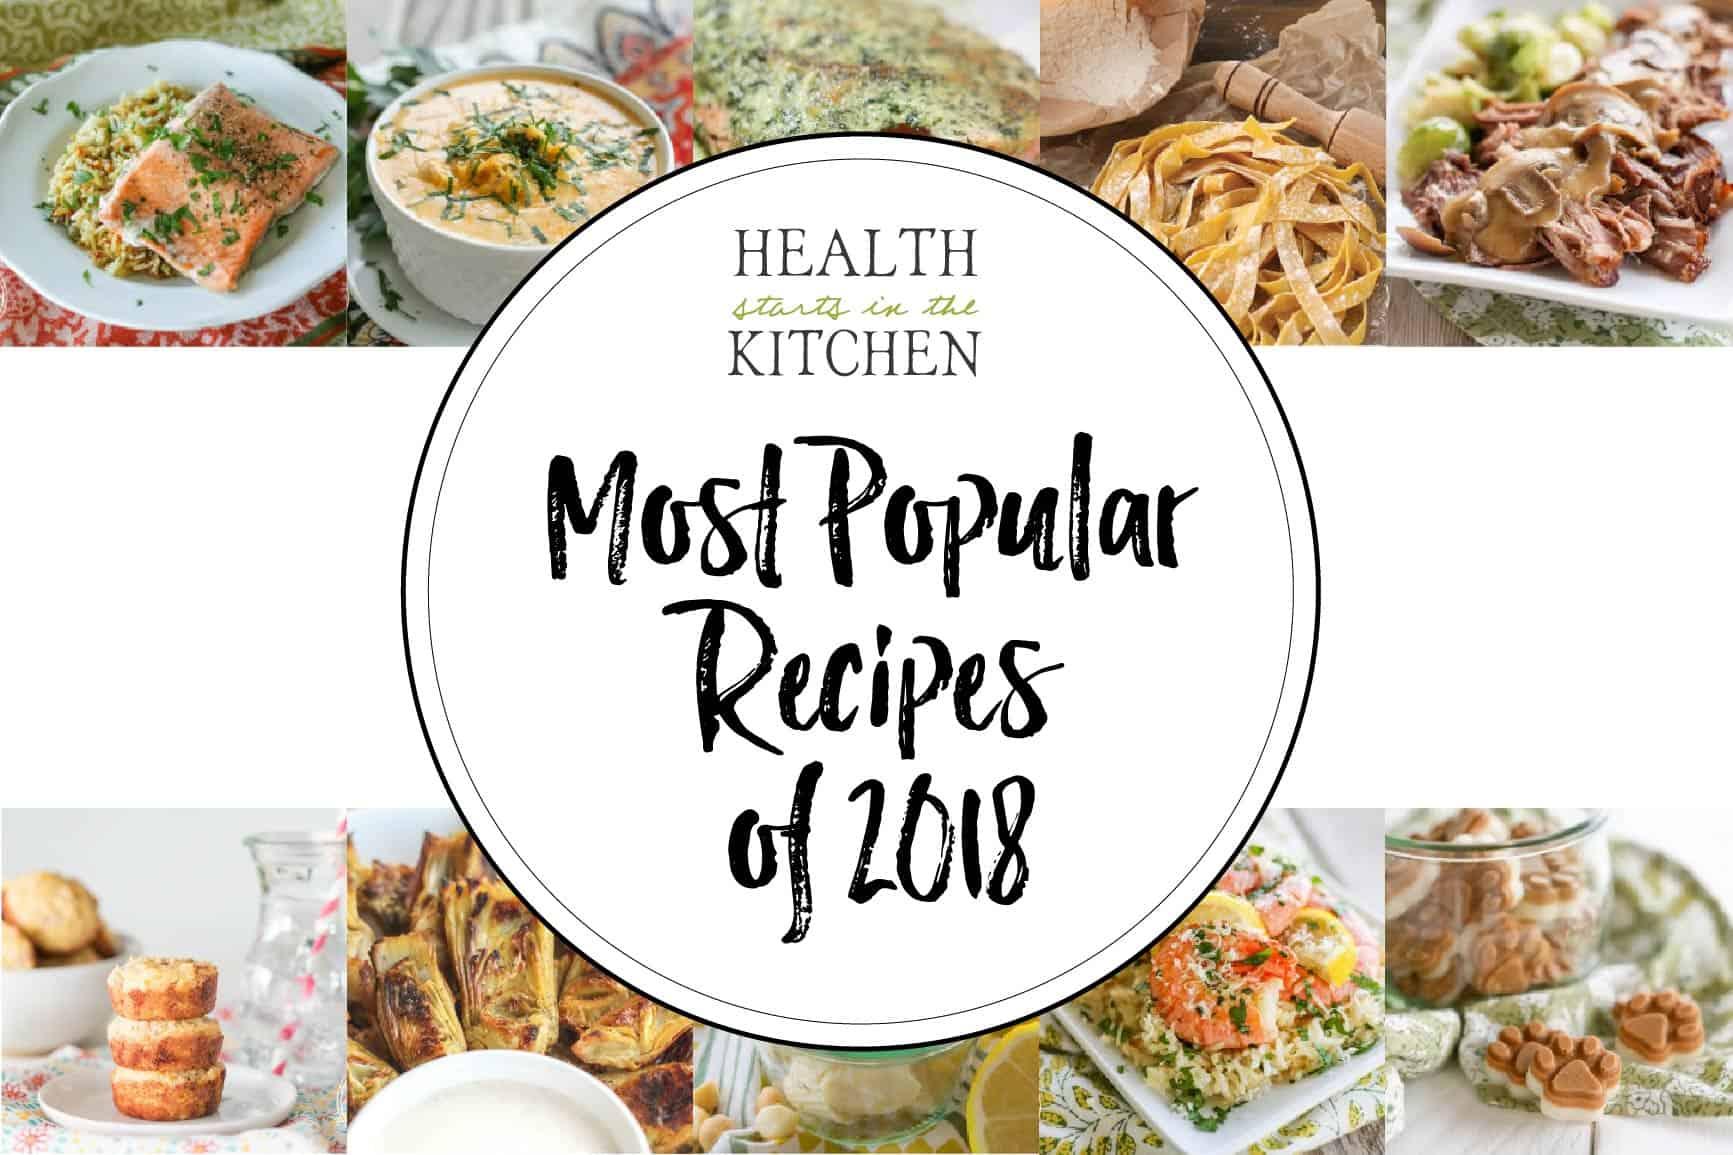 The Top 10 Most Popular Recipes at HealthStartsintheKitchen.com